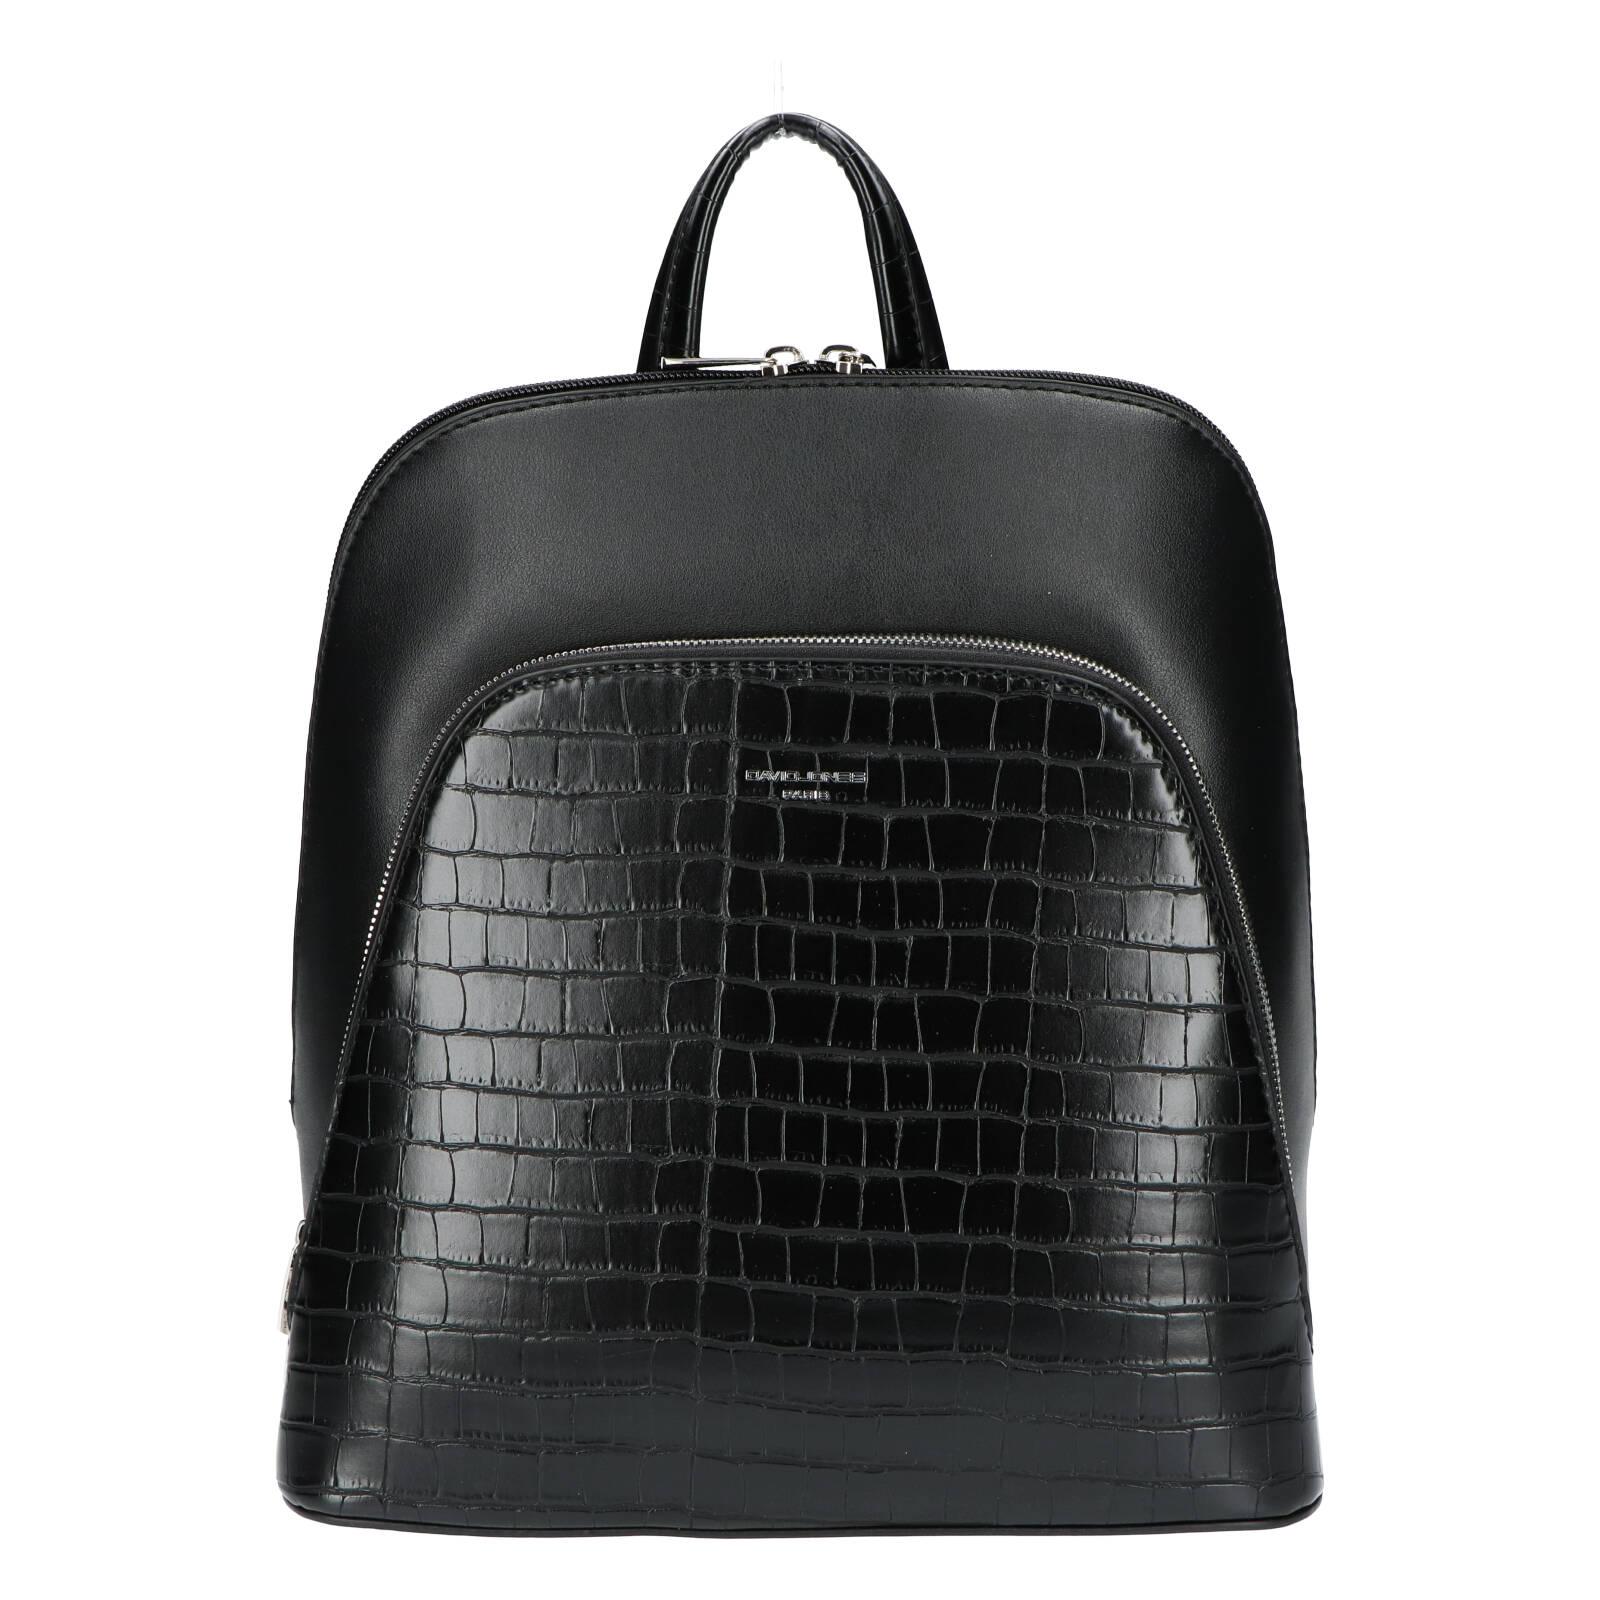 Dámský městský batoh černý - David Jones Yordan Kroko